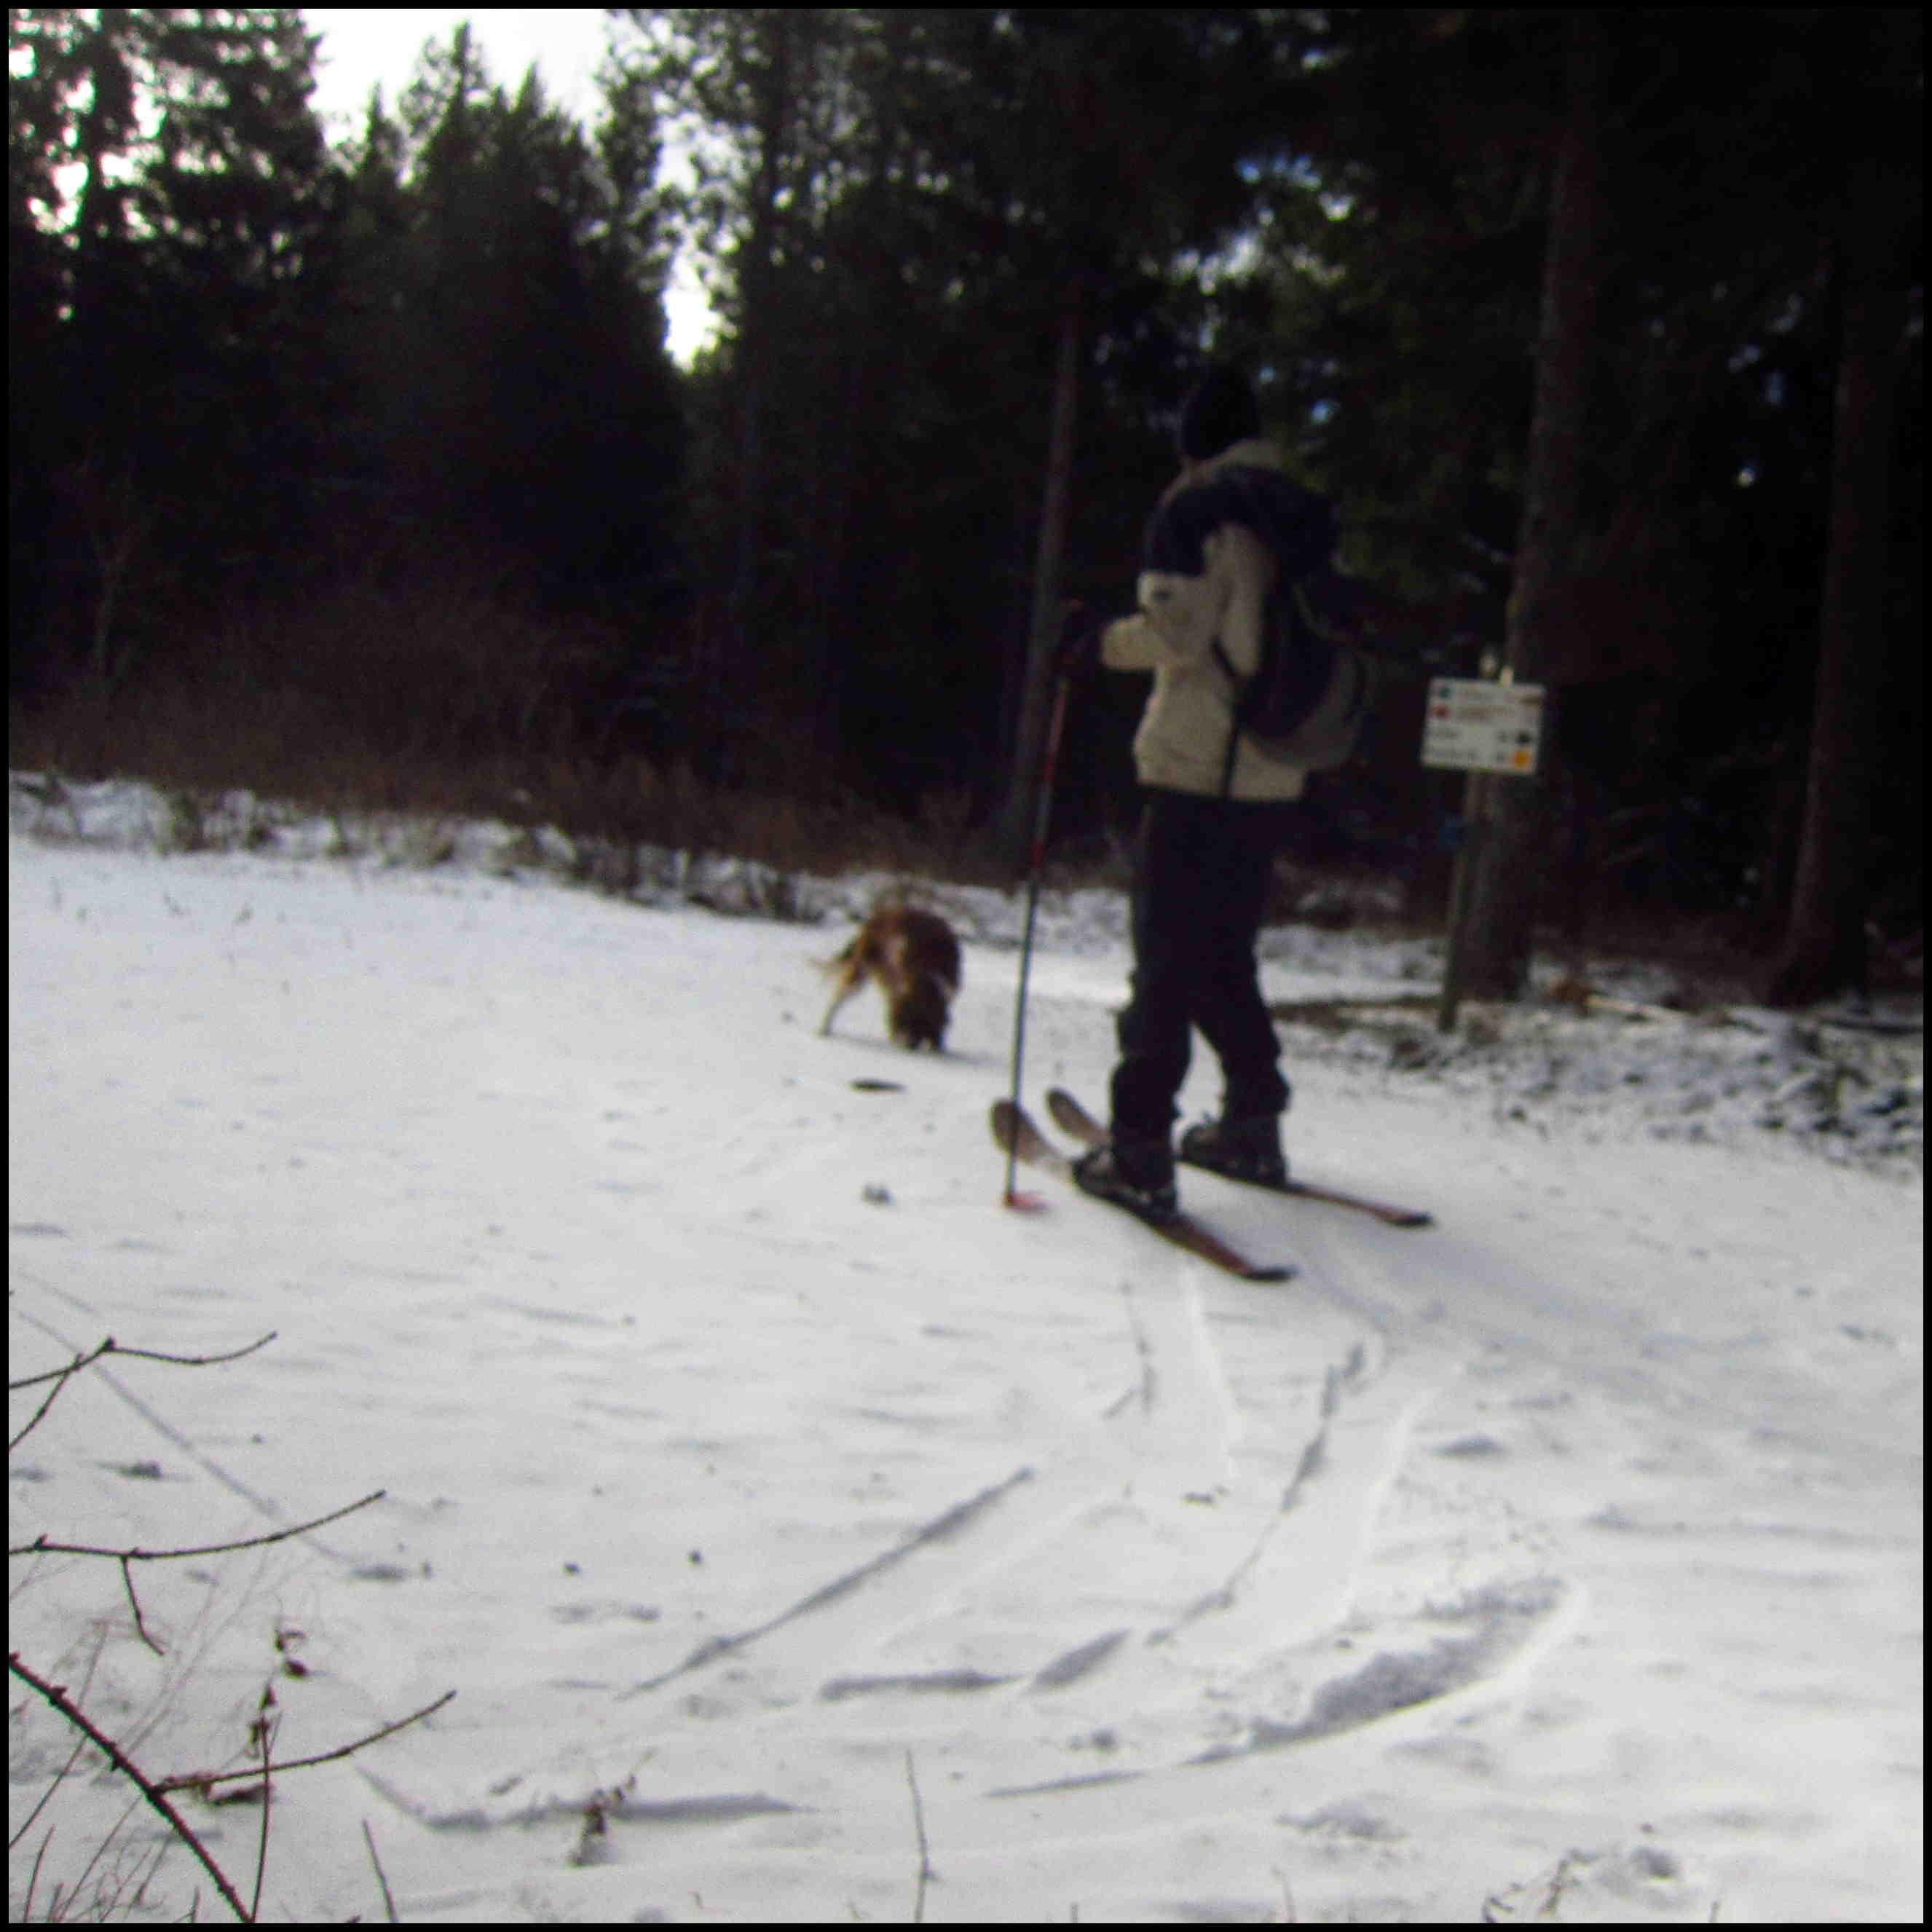 25 janvier : Balade en skis Hok en forêt du Ché